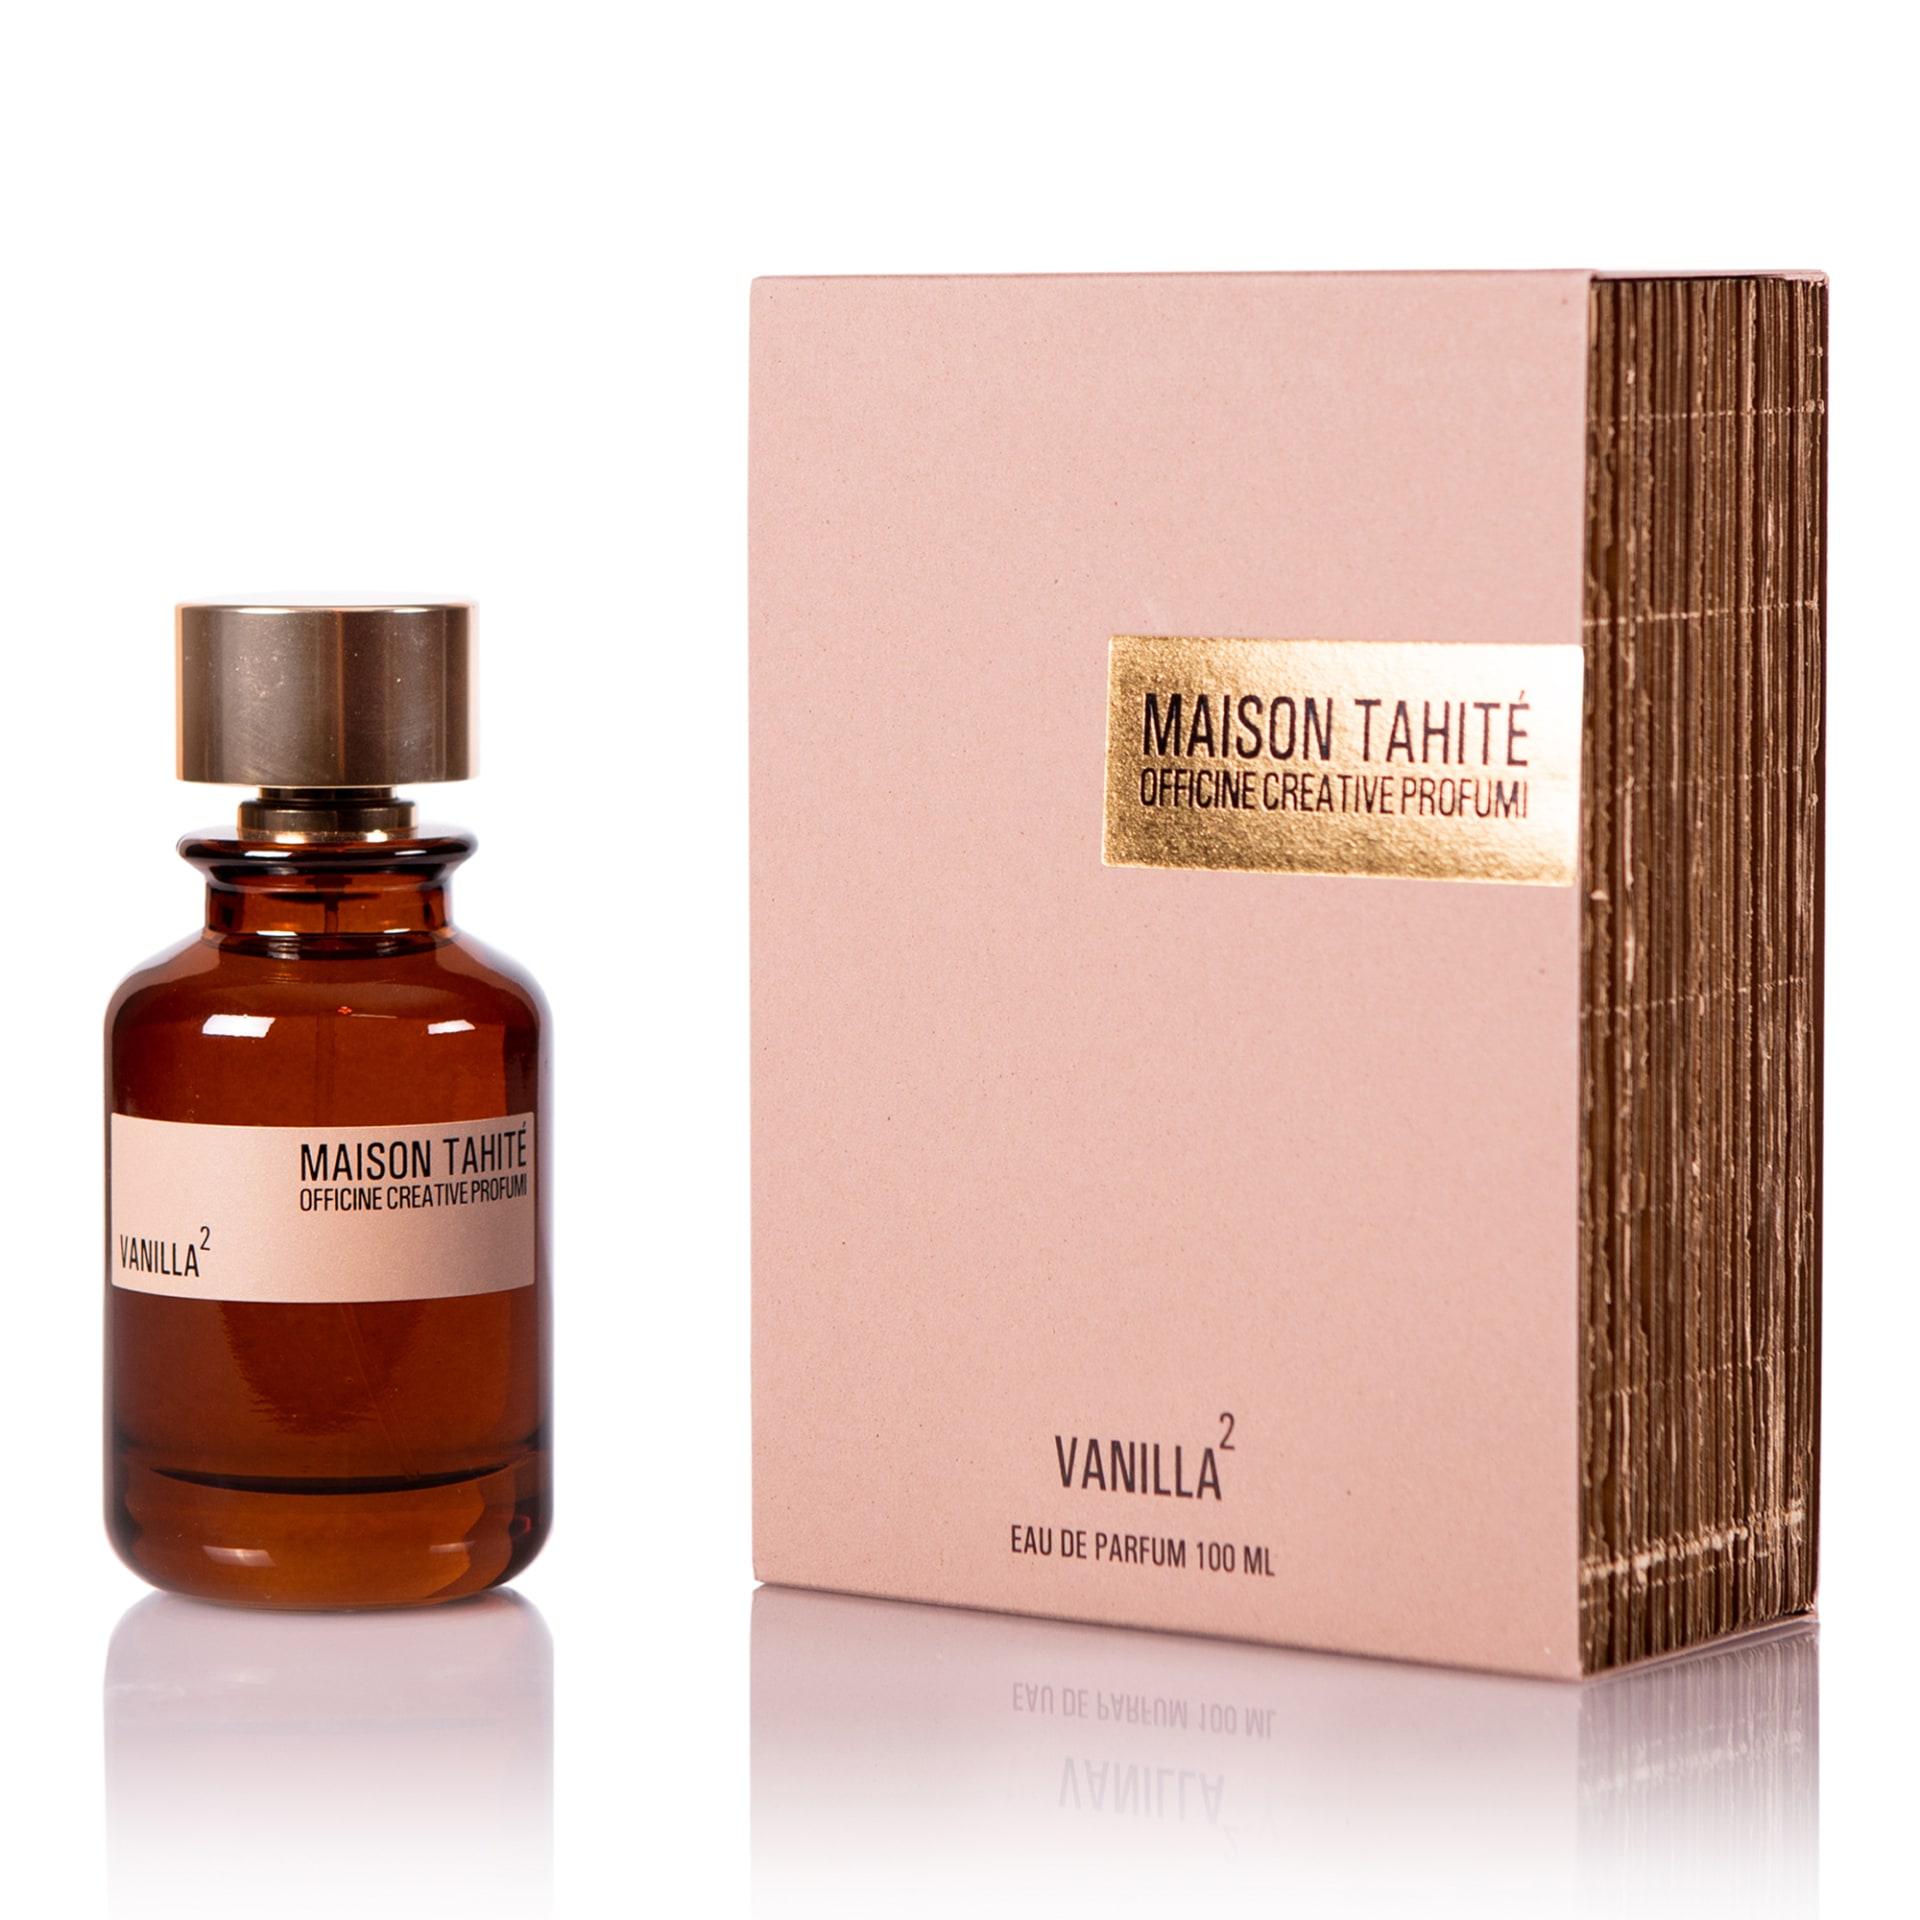 maison-tahite-vanilla2-1